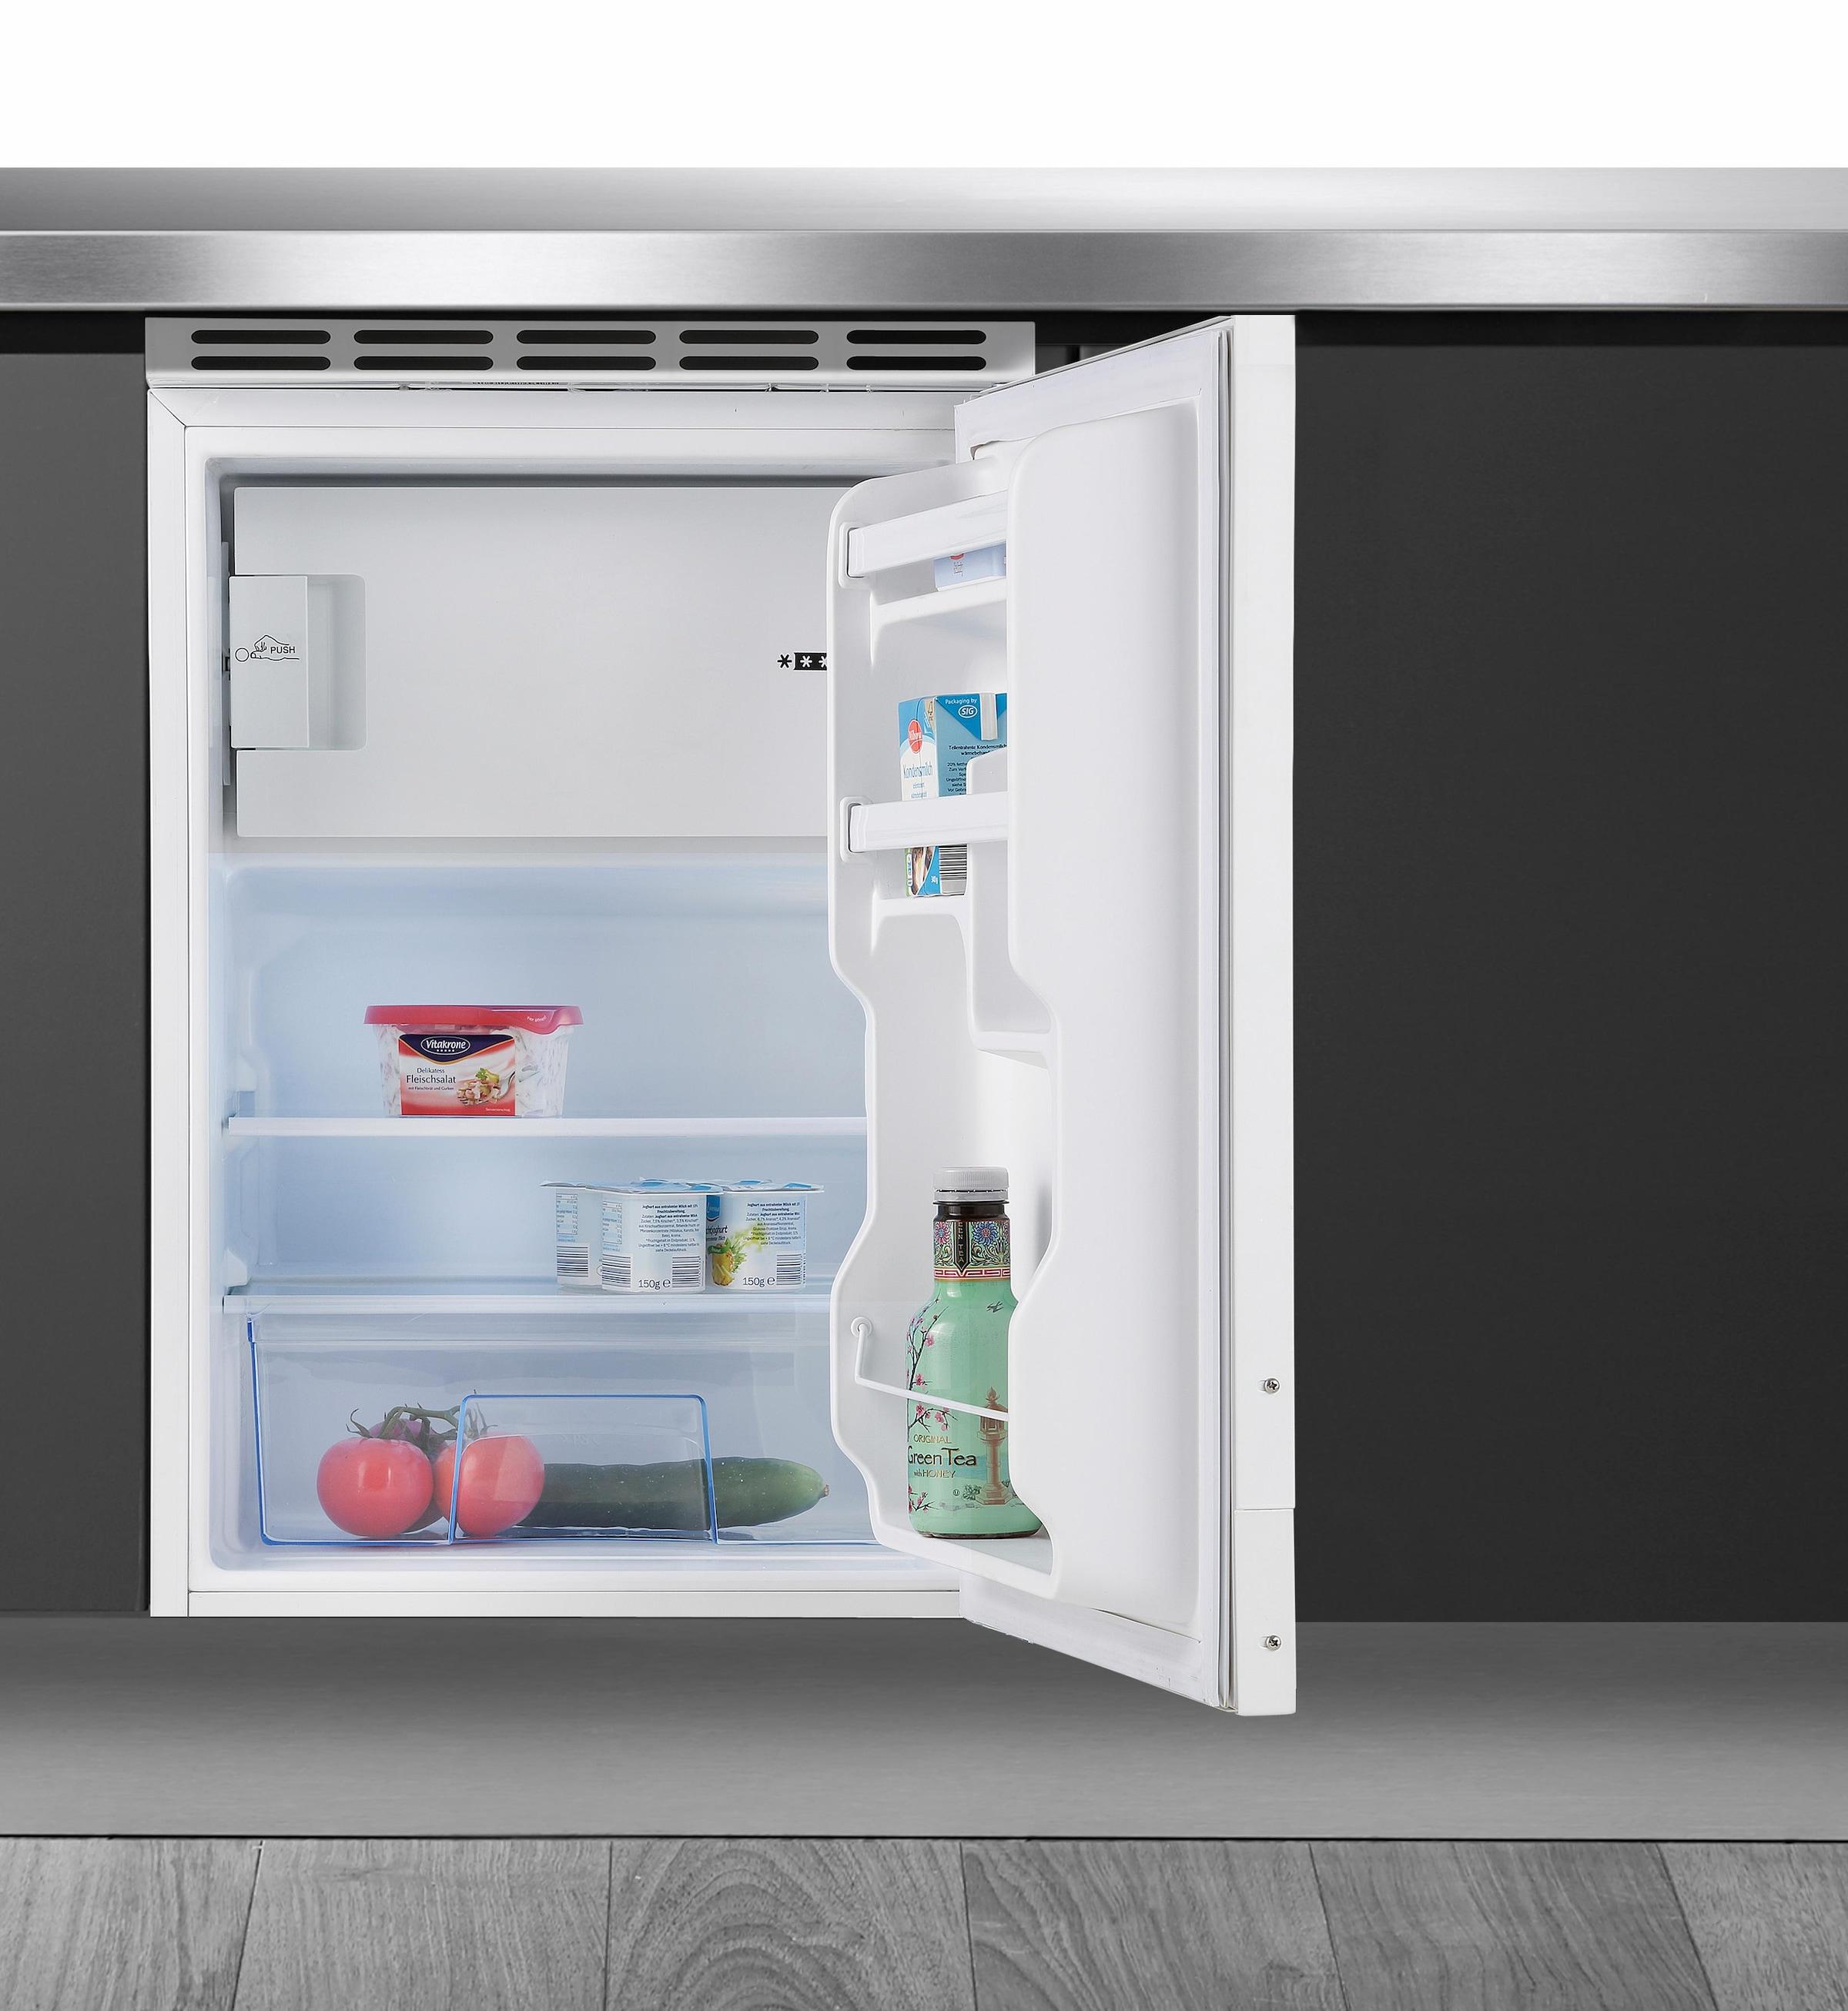 Aeg Kühlschrank Ohne Gefrierfach Unterbaufähig : KÜhlschrank aeg Öko santo glas line unterbaufähig eur